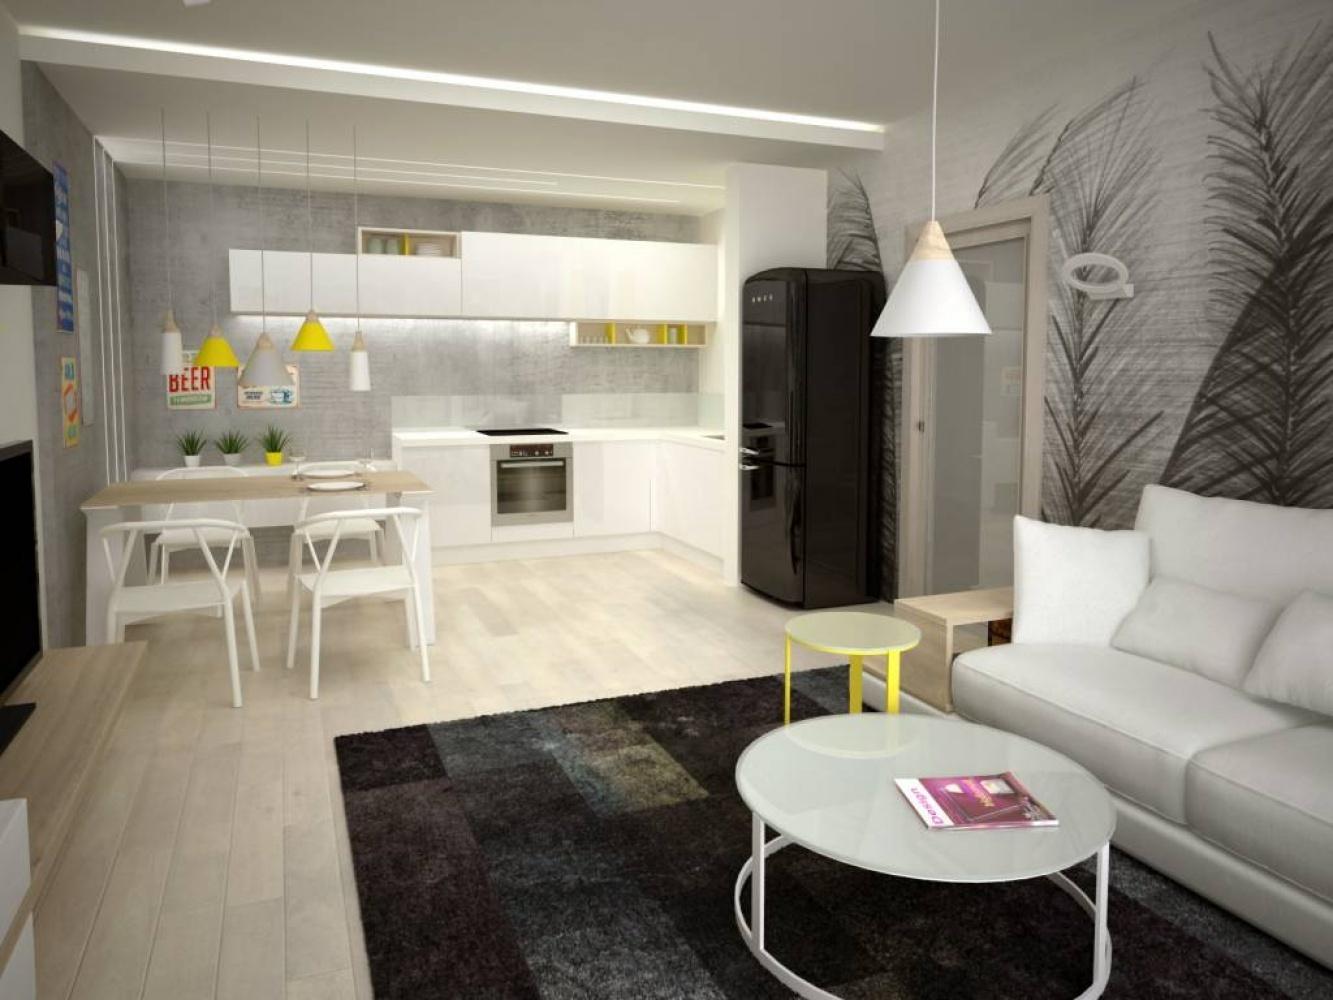 Půdní byt 1+1, plocha 48 m², ulice Lumírova, Praha 2 - Vyšehrad, cena 3 490 000 Kč | 3